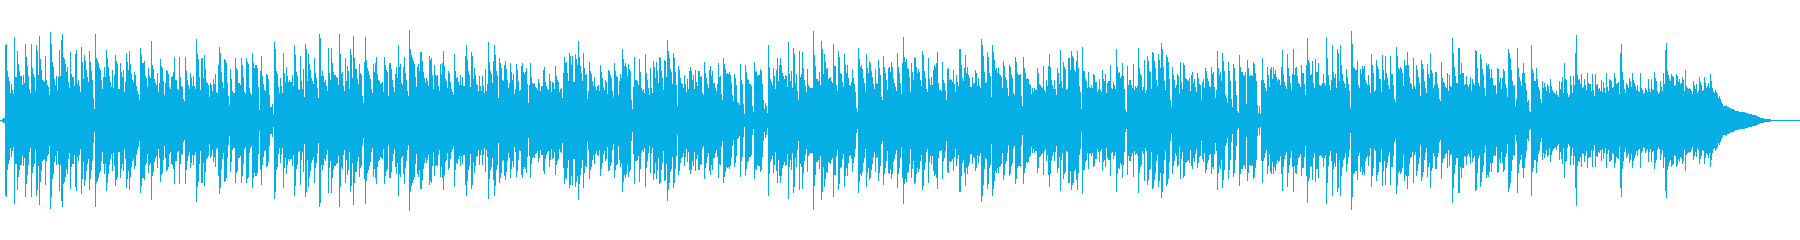 生演奏アコギのポップかわいいカントリー曲の再生済みの波形